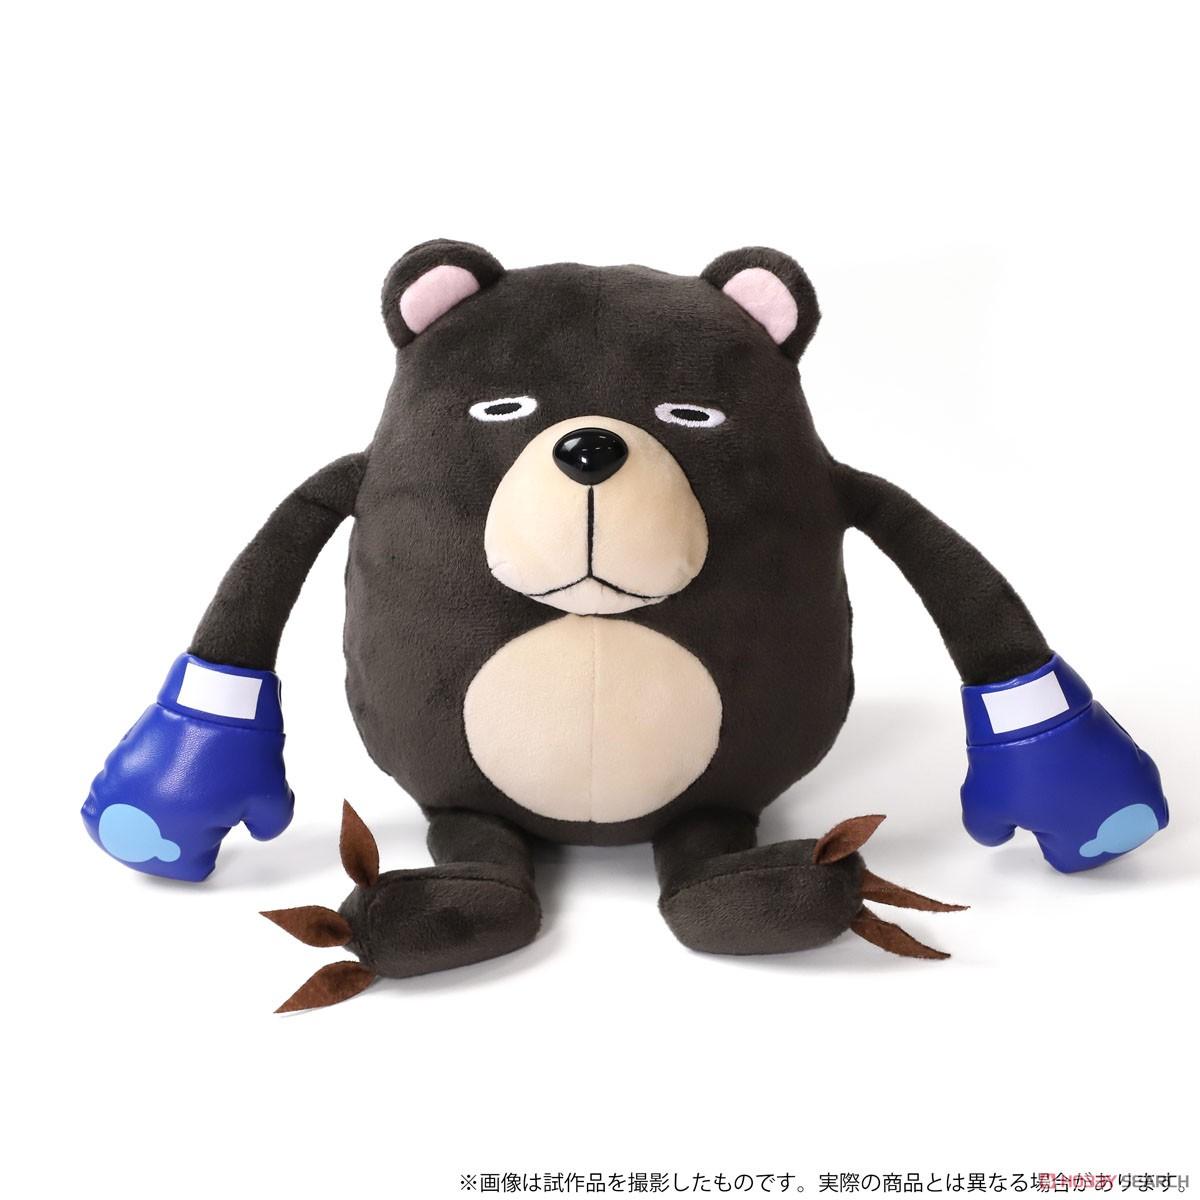 呪術廻戦『玉犬ぬいぐるみキーチェーンセット』グッズ-006